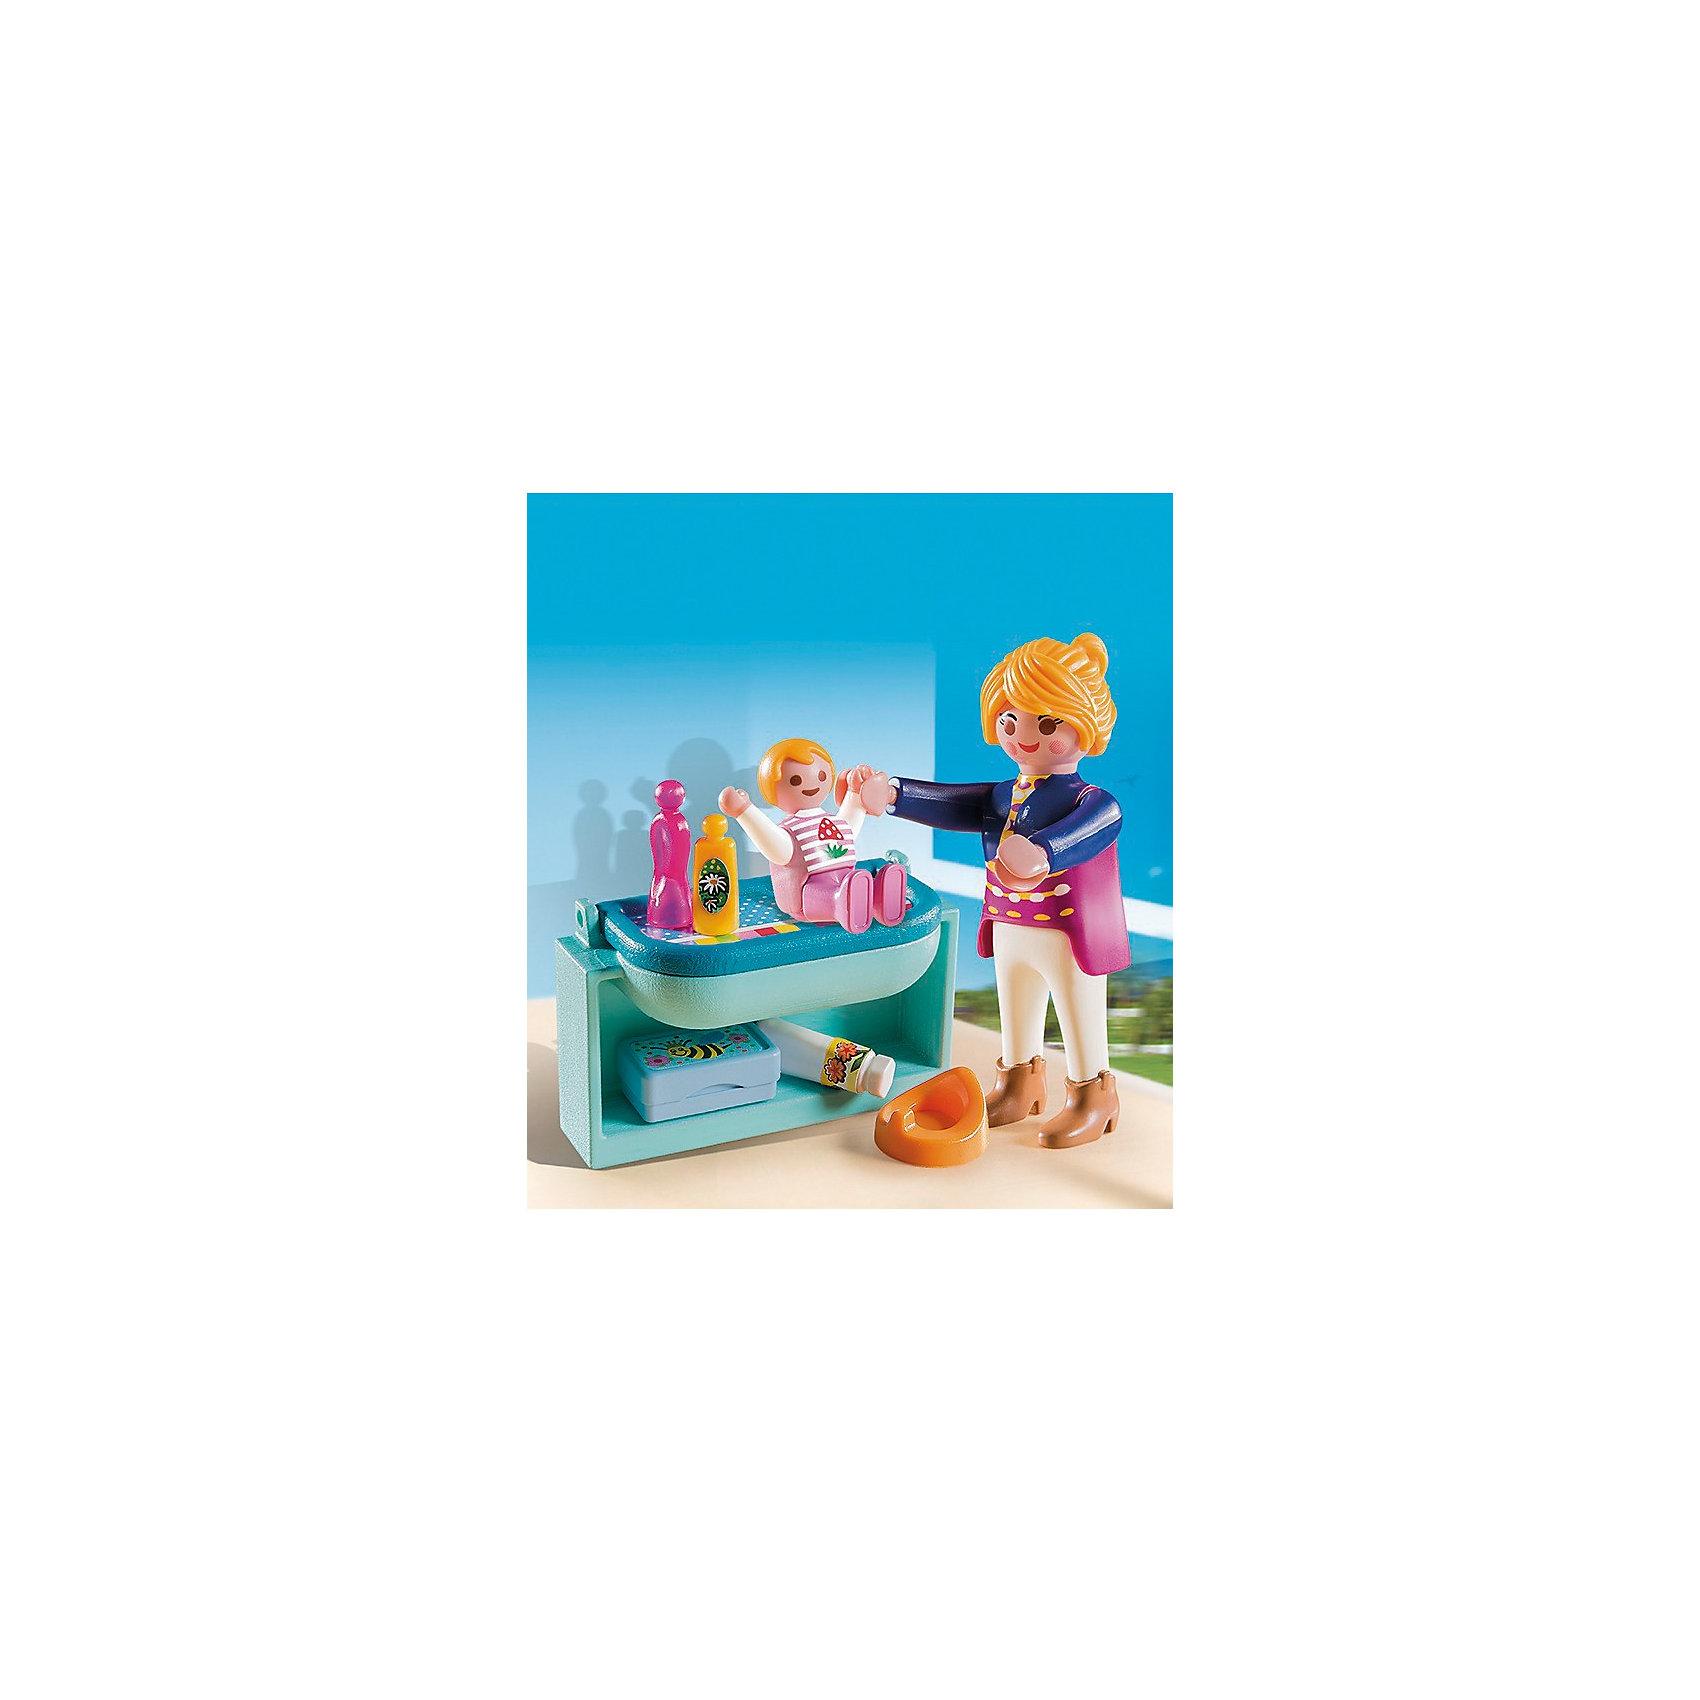 Экстра-набор: Мама с ребенком, PLAYMOBILВ набор входят фигурки мамы и ее ребенка, пеленальный столик и детские аксессуары. Фигурки имеют подвижные конечности, в руки можно вложить инструменты. Все детали прекрасно проработаны и выполнены из высококачественного экологичного пластика безопасного для детей. <br><br>Дополнительная информация:<br><br>- 2 фигурки в наборе.<br>- Комплектация: 2 фигурки, пеленальный столик, шампунь, присыпка, горшок, полотенца. <br>- Материал: пластик.<br>- Размер упаковки: 13х10х3 см.<br>- Высота фигурки: 7,5 см.<br>- Голова, руки, ноги у фигурки подвижные.<br><br>Экстра-набор: Мама с ребенком, PLAYMOBIL (Плеймобил), можно купить в нашем магазине.<br><br>Ширина мм: 138<br>Глубина мм: 96<br>Высота мм: 35<br>Вес г: 61<br>Возраст от месяцев: 48<br>Возраст до месяцев: 120<br>Пол: Женский<br>Возраст: Детский<br>SKU: 3786453